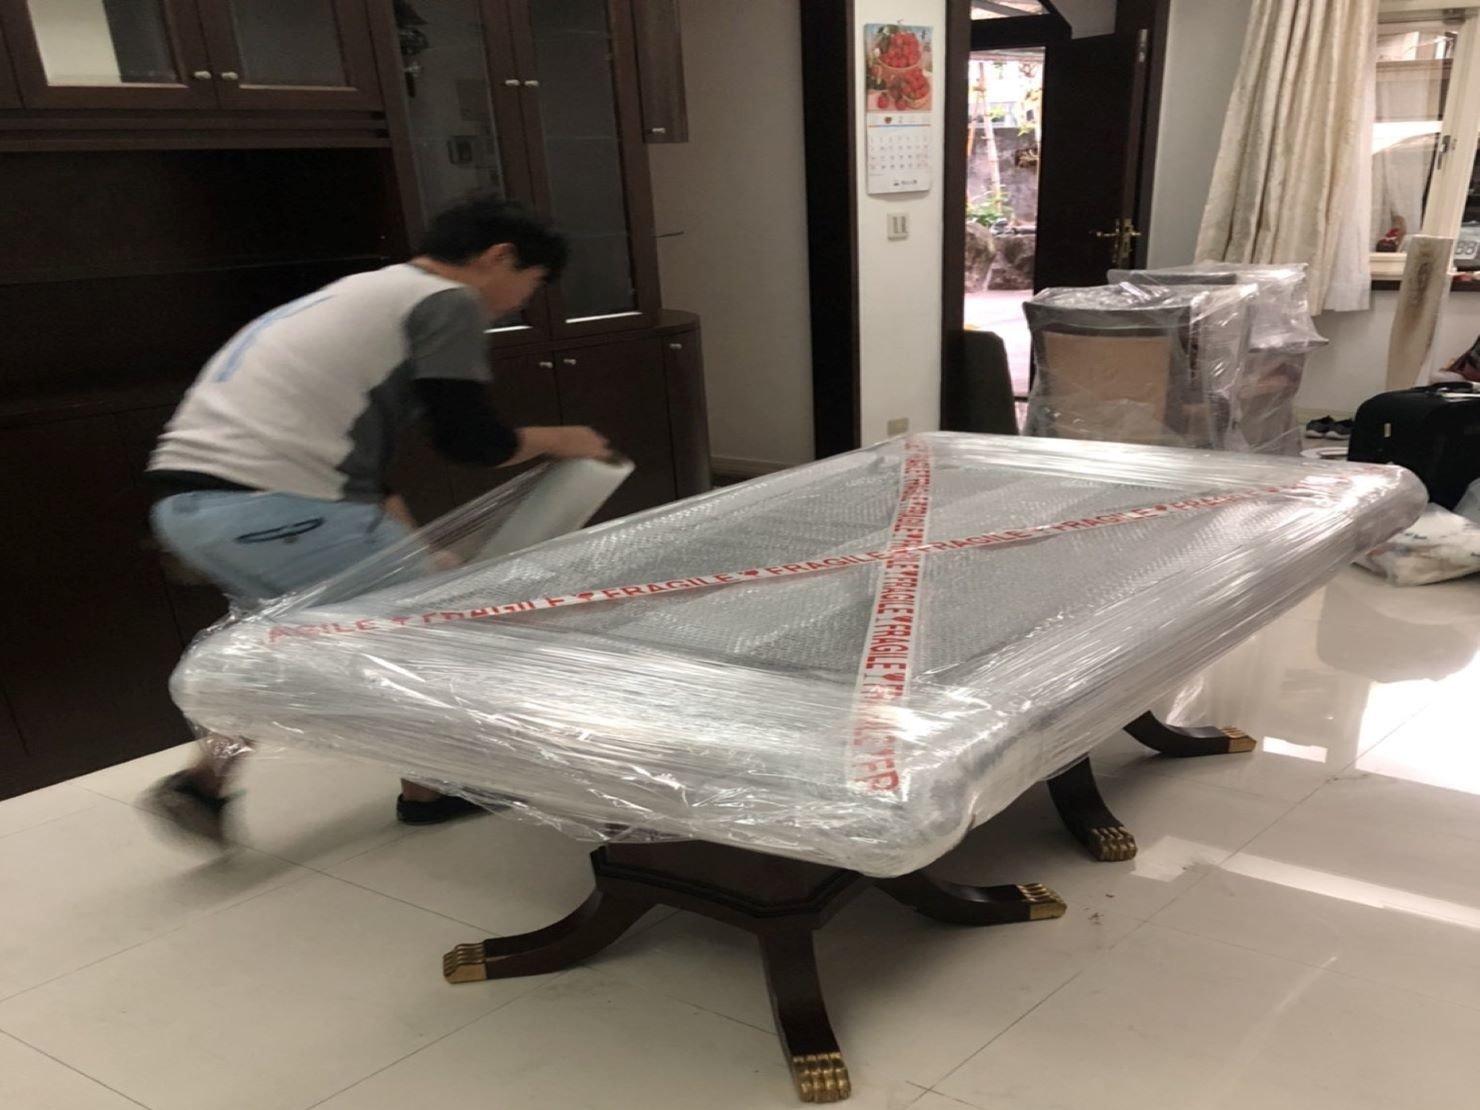 【榮福搬家】口碑第一、台北搬家推薦:大理石桌面精緻包裝-先包裹氣泡再以膠膜綑繞固定,防塵防碰撞